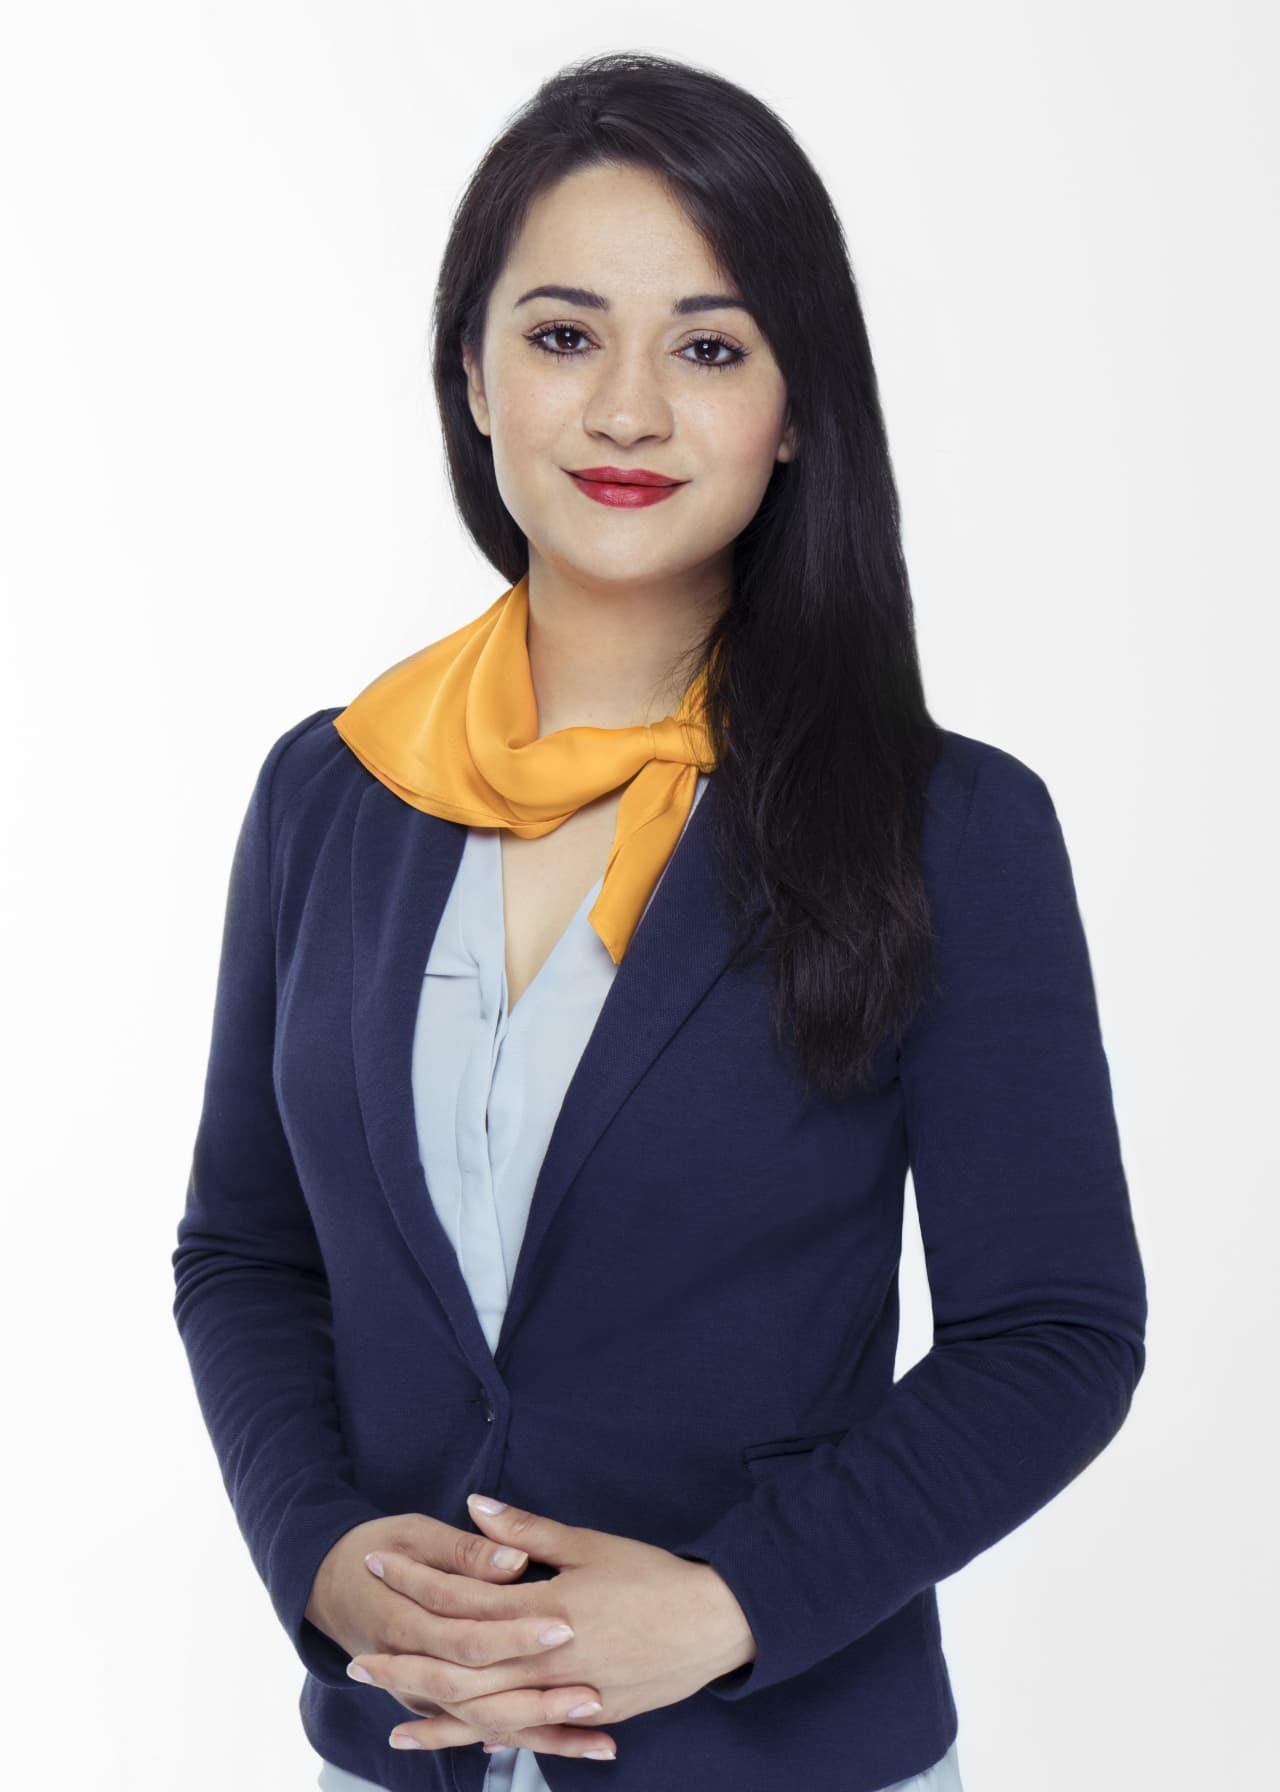 Mitarbeiterin in der Verwaltung